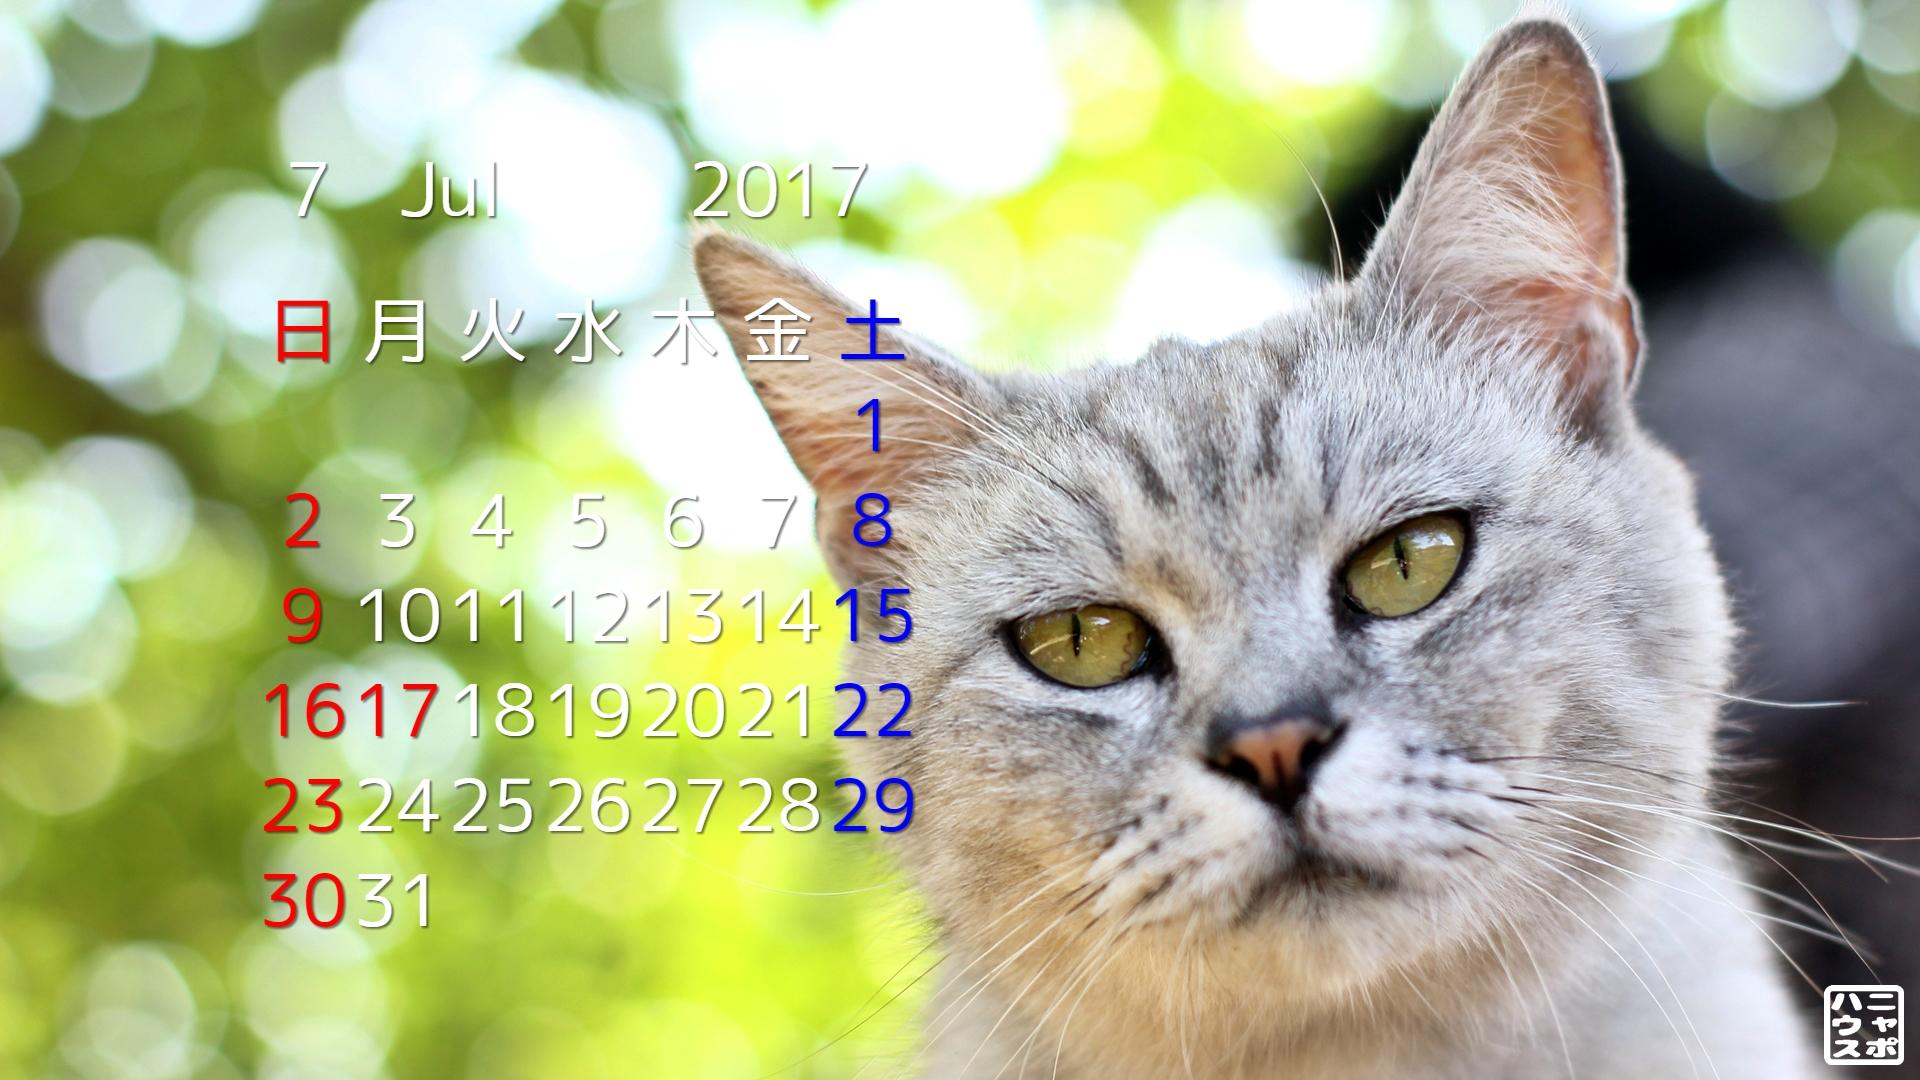 2017年7月 猫デスクトップカレンダー